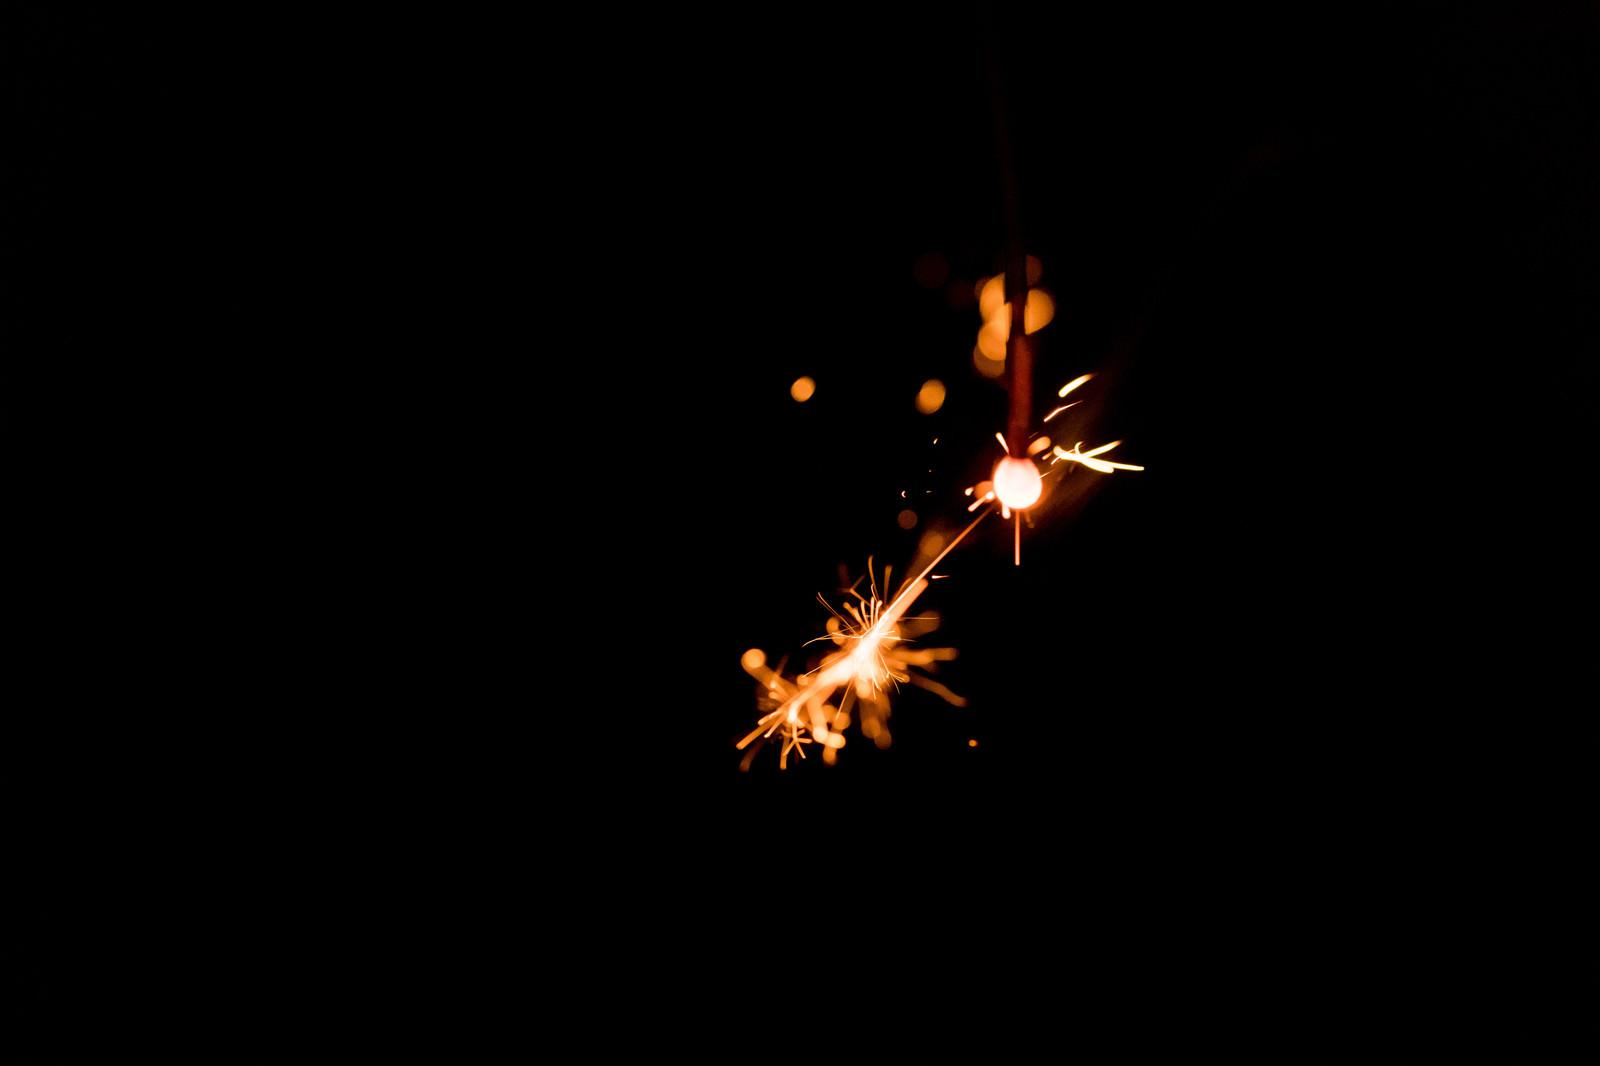 「飛び散る火花(線香花火)」の写真